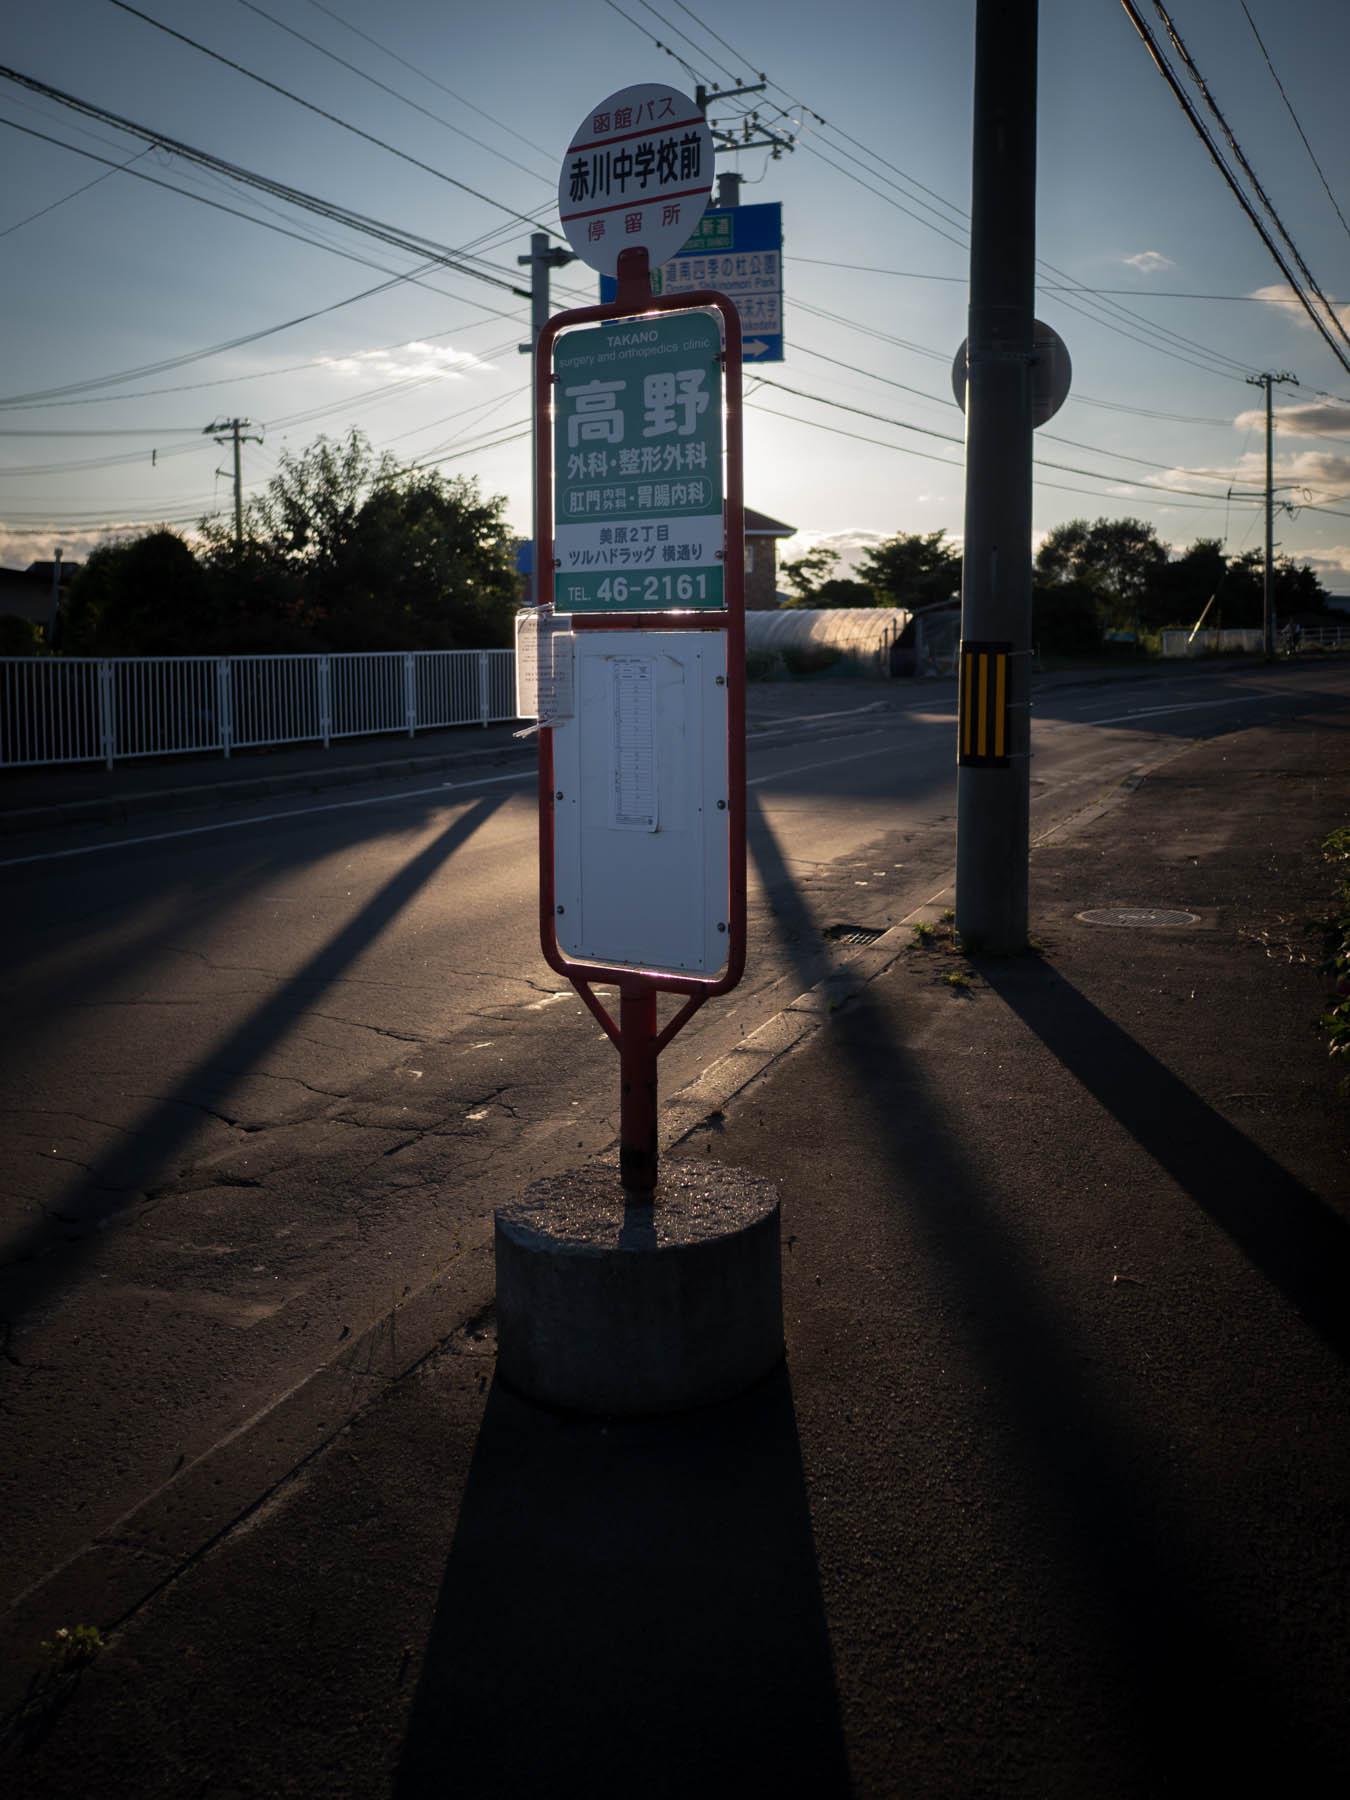 逆光のバス亭(赤川中学校前)と夕陽が作る長い影